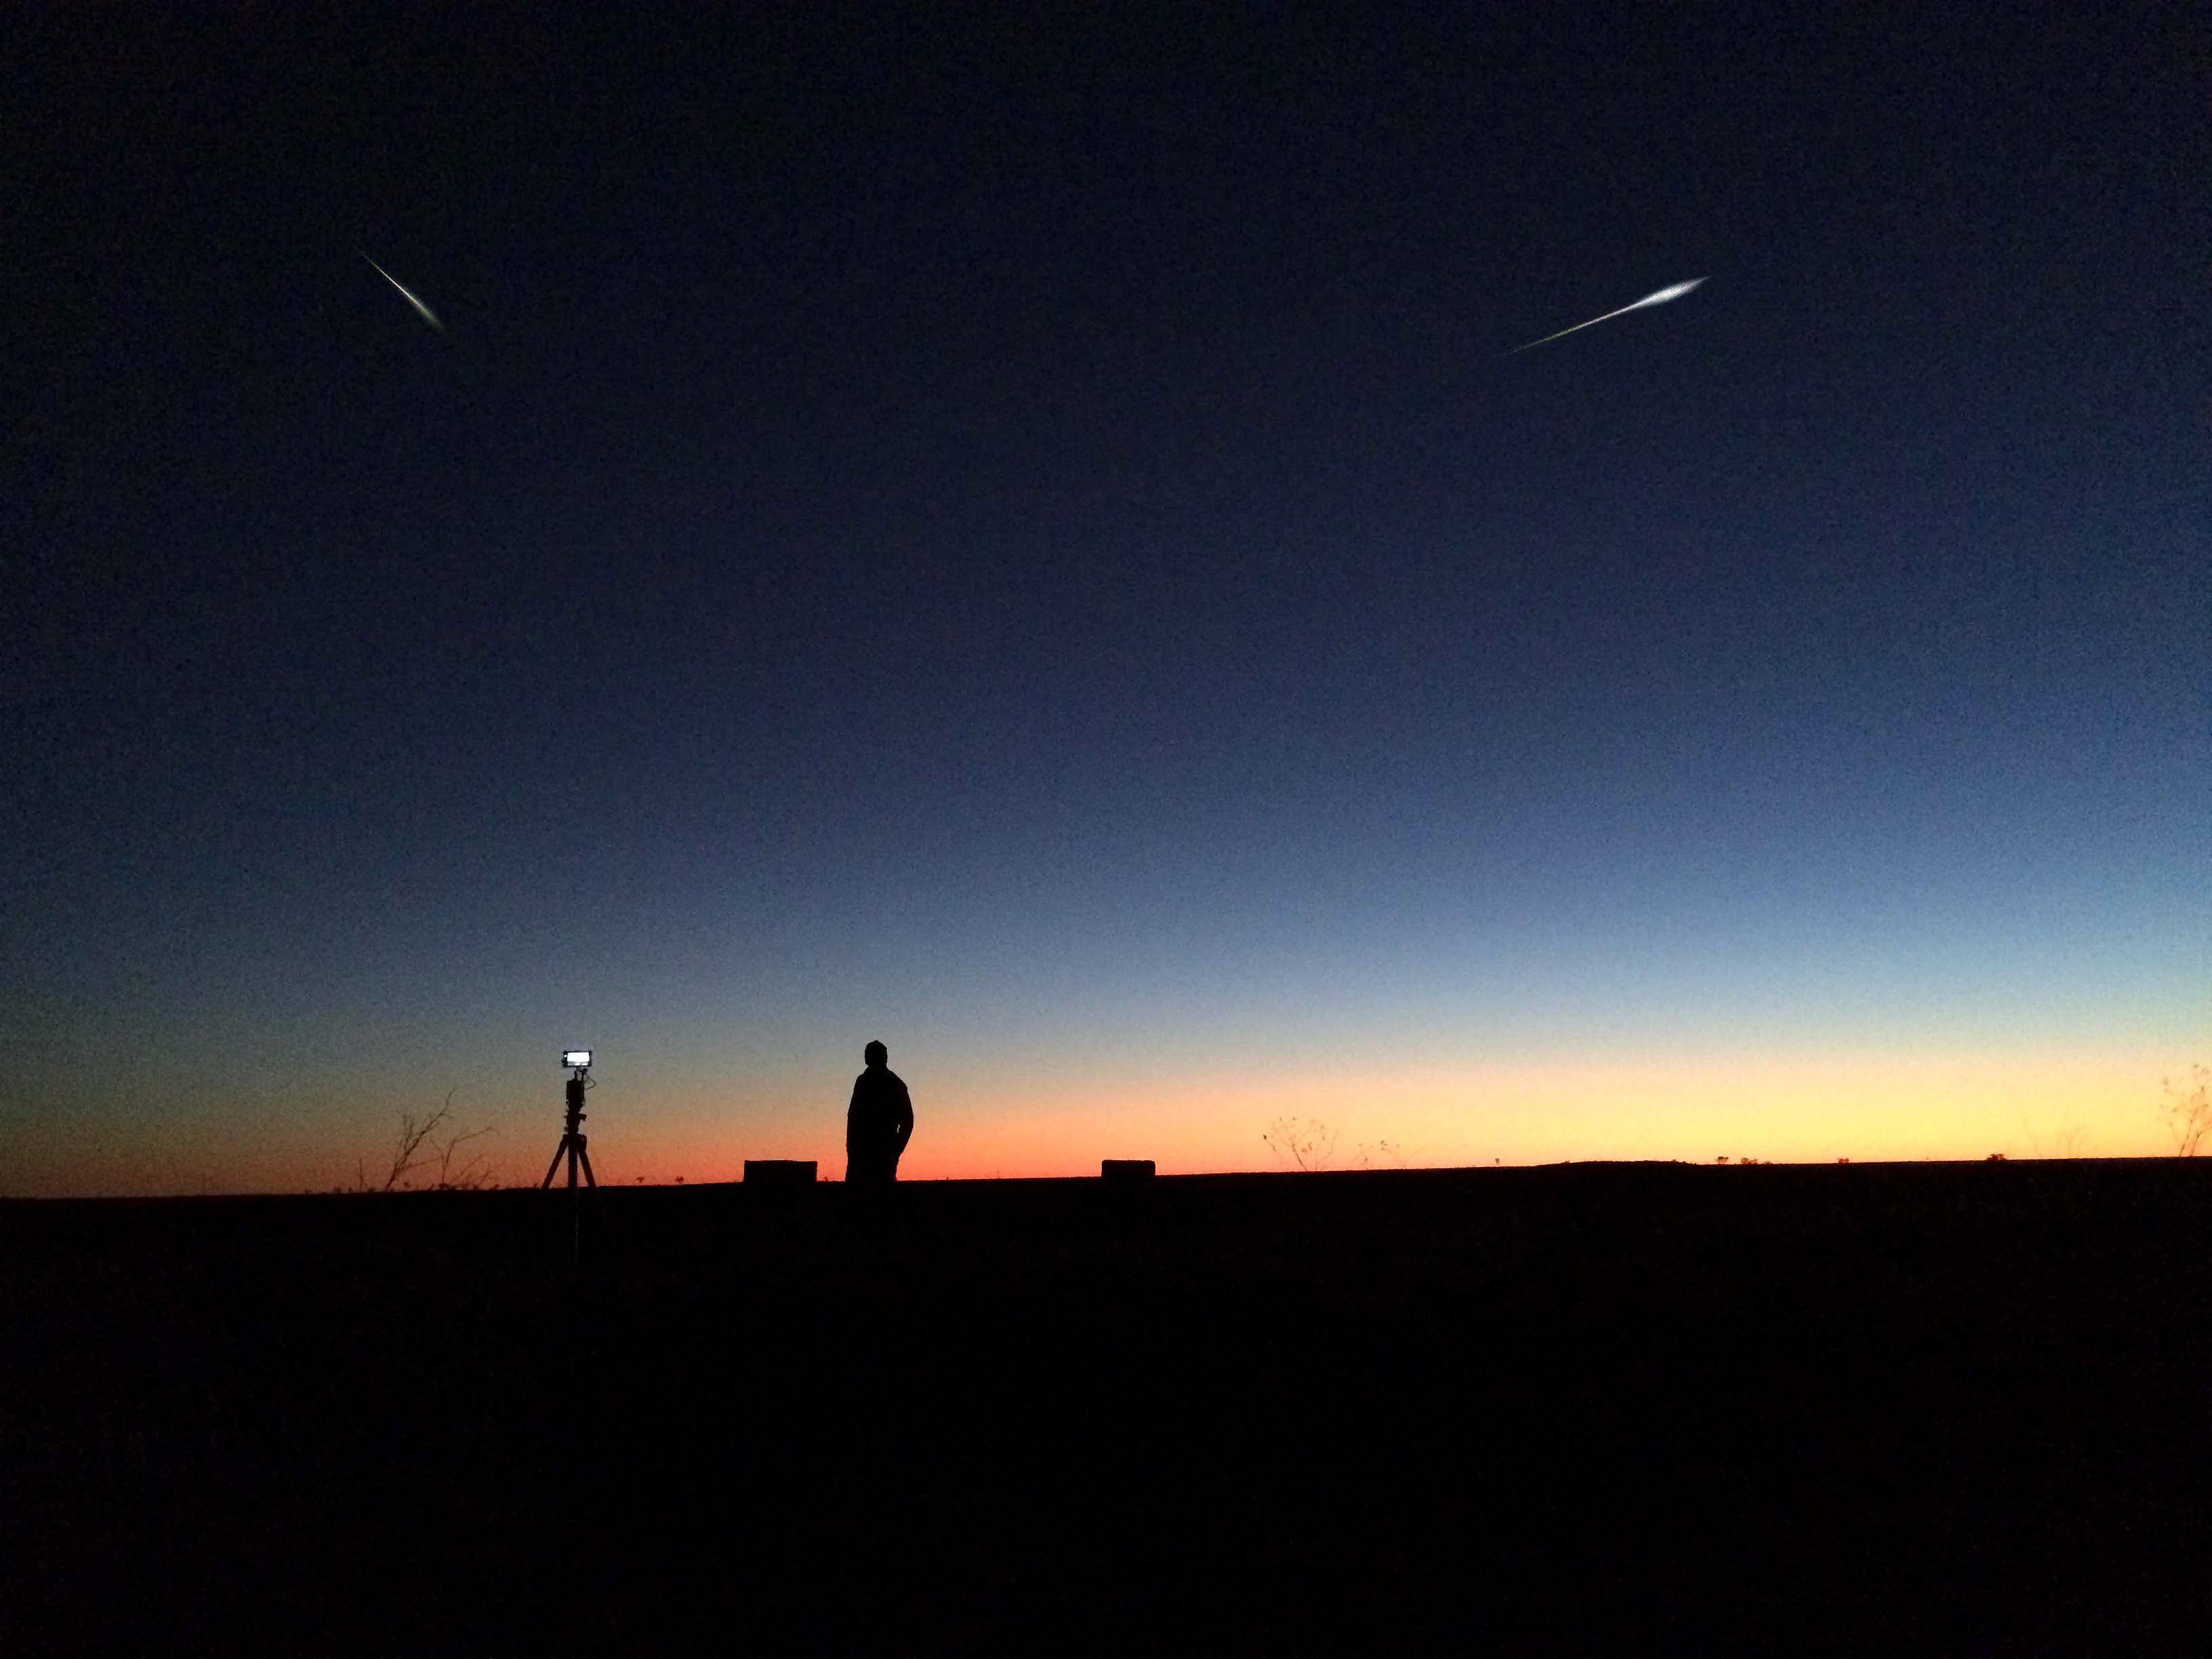 Movie review: Werner Herzog keeps watching the skies